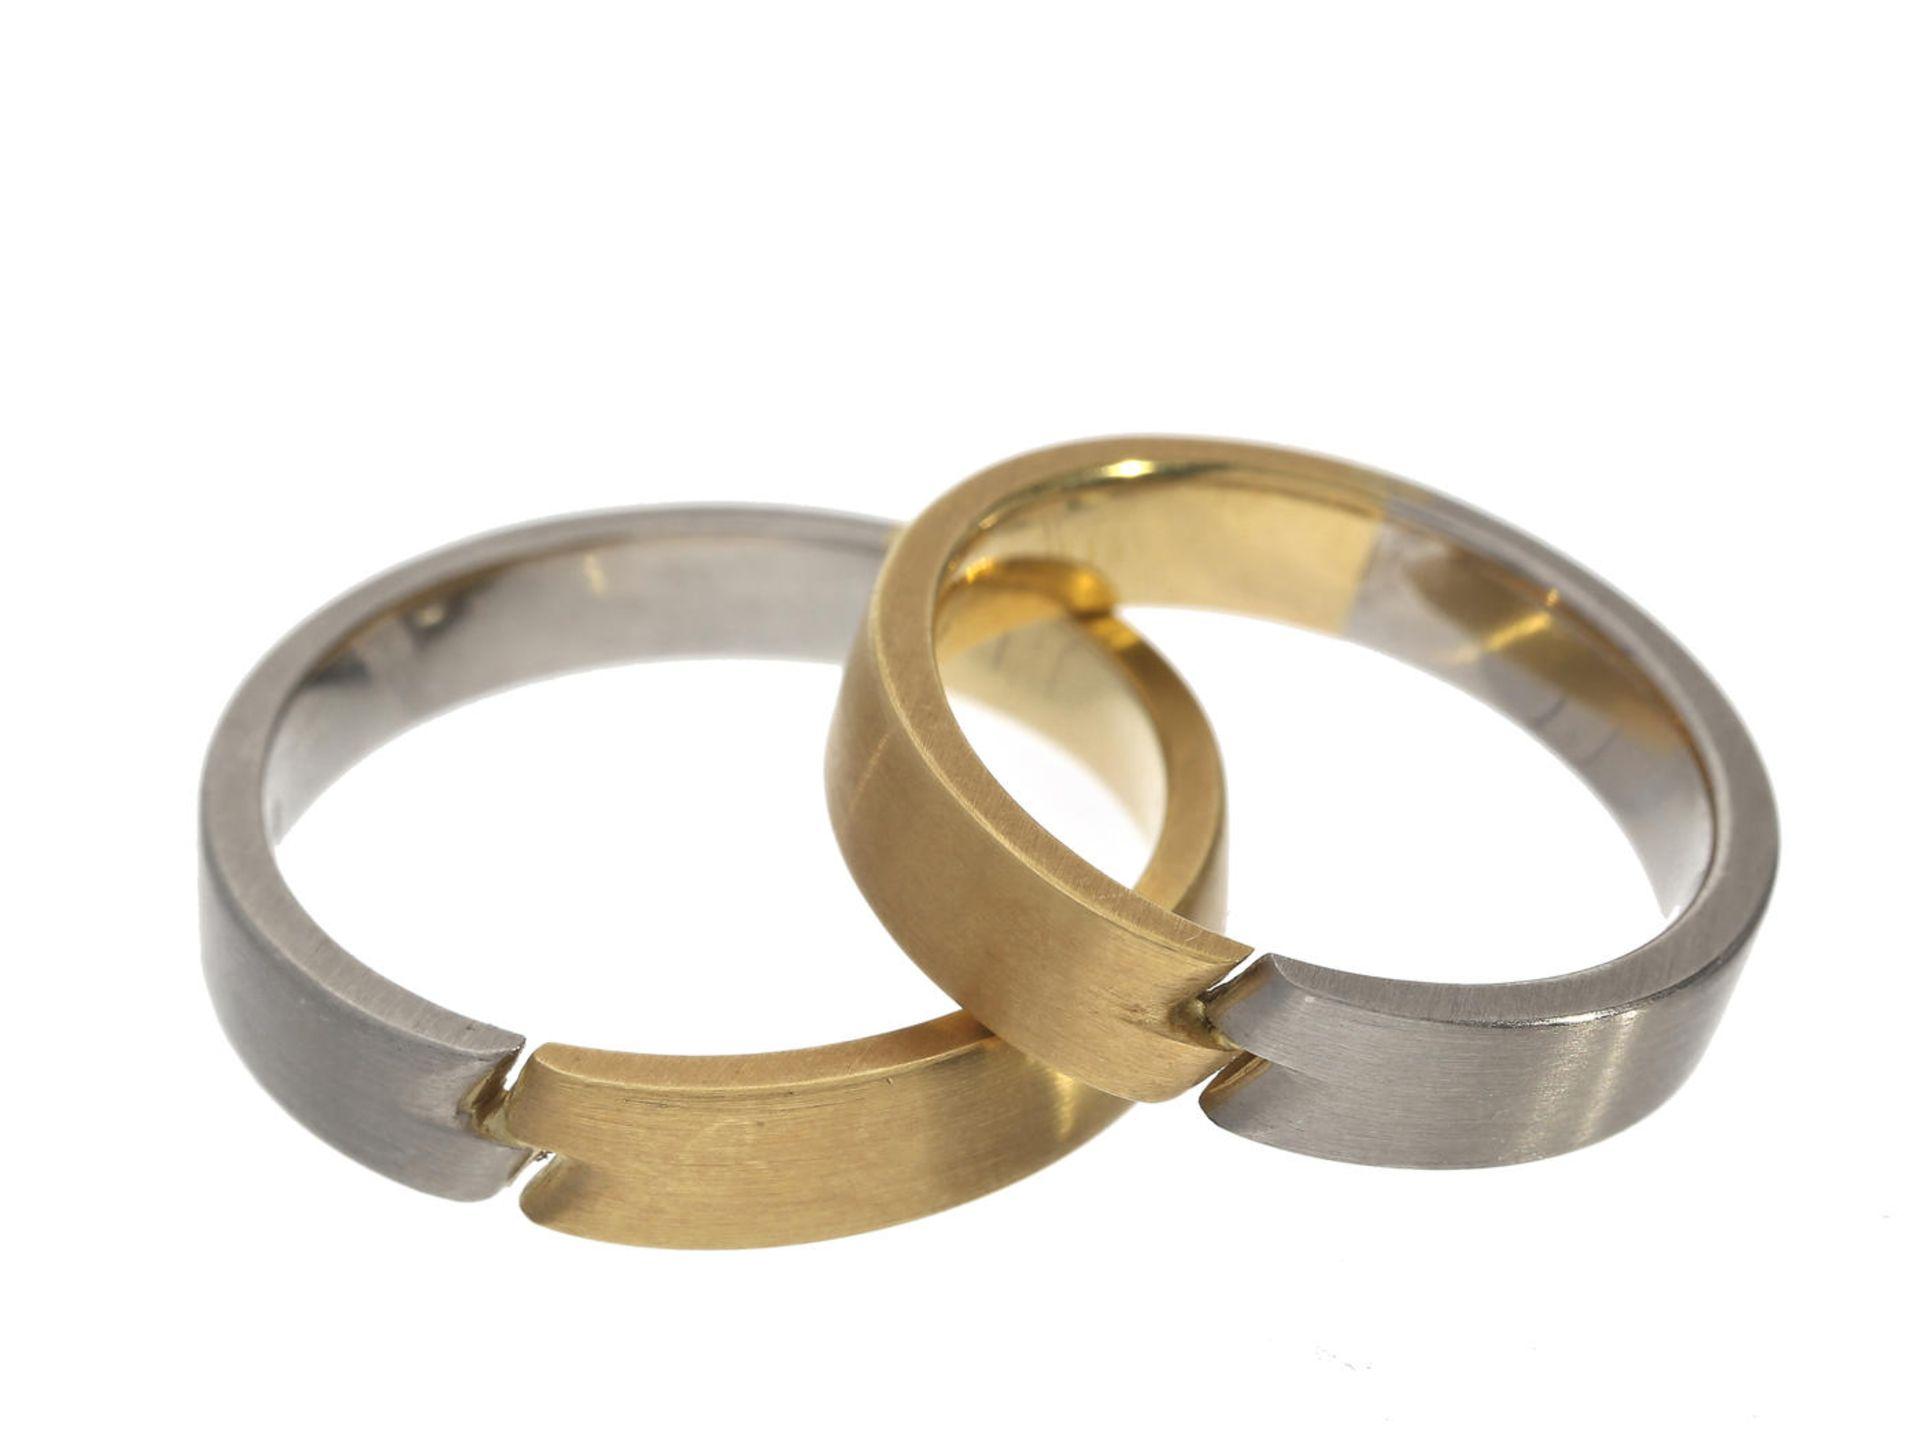 Los 6042 - Ring: ausgefallene, neuwertige Trauringe aus 18K Gold/Palladium Ca. Ø20mm und ca. Ø18mm, RG63 und